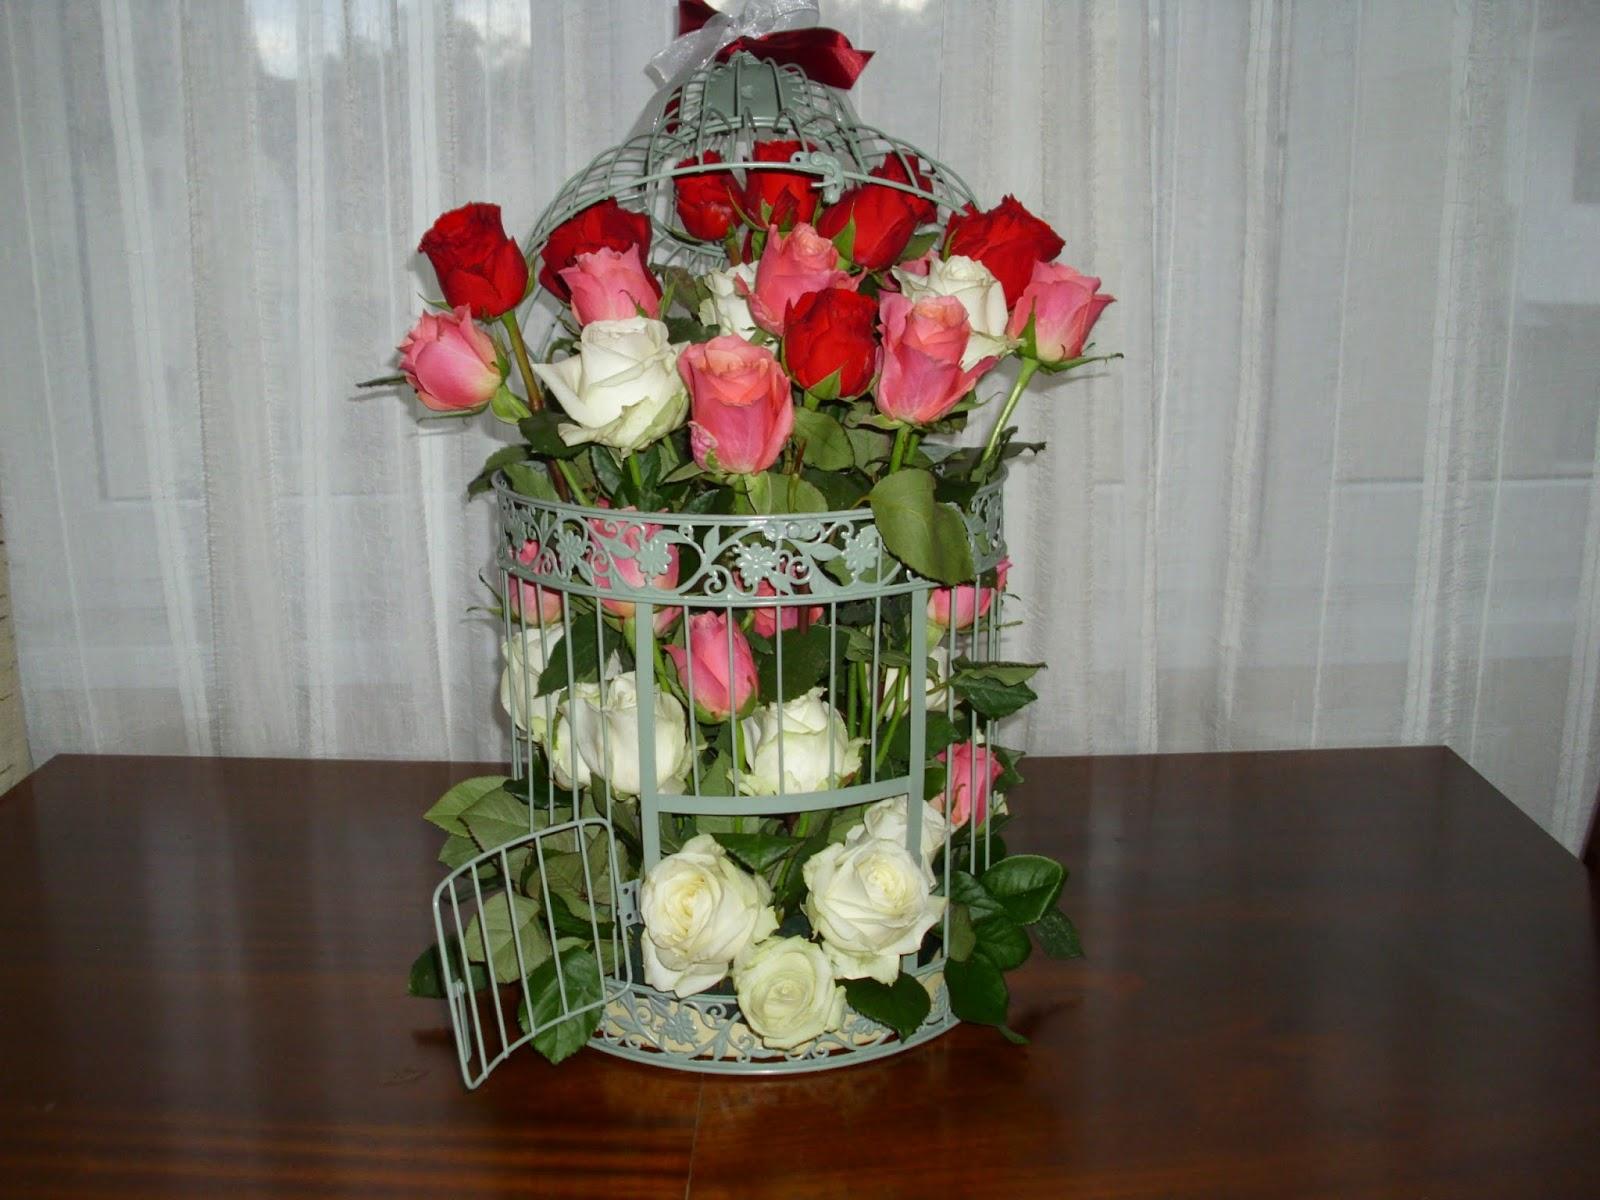 trandafiri albi, rosii si roz in colivie